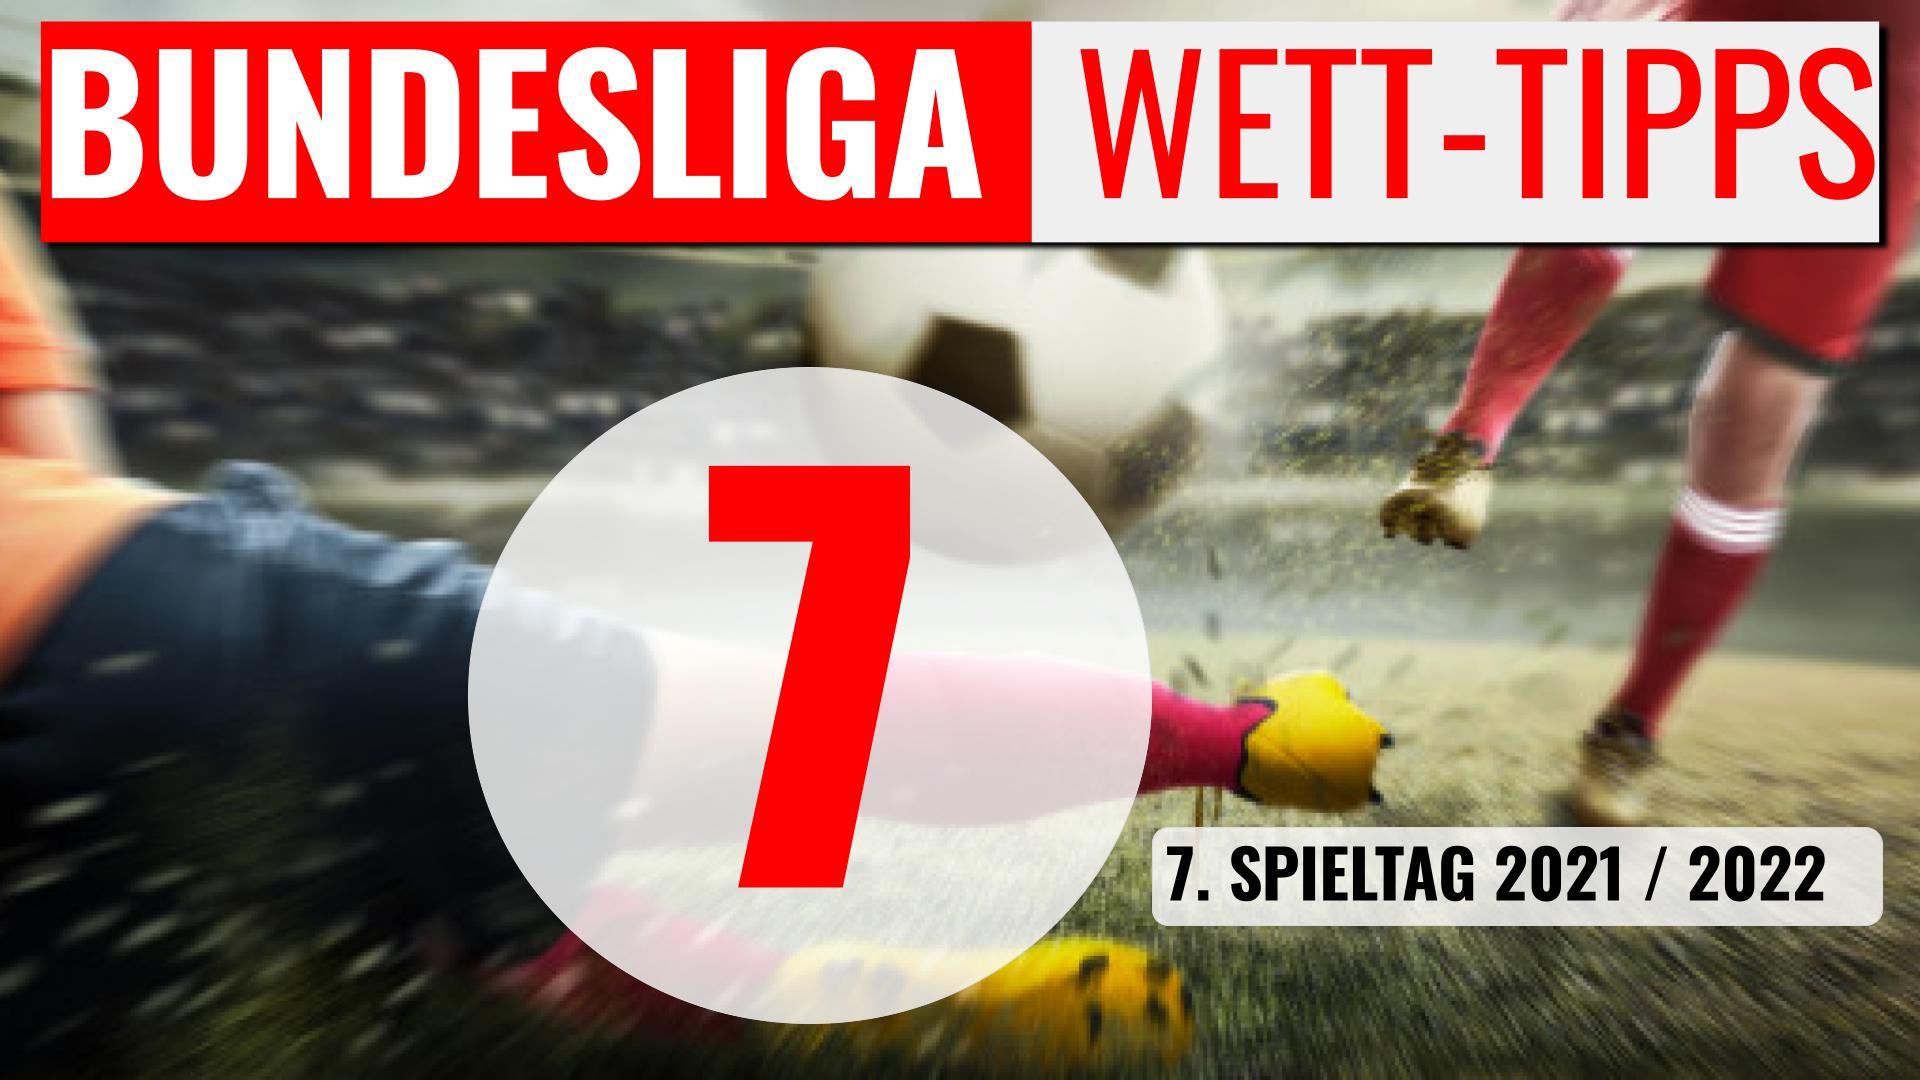 Bundesliga Wett-Tipps morgen - 7. Spieltag 2021/2022